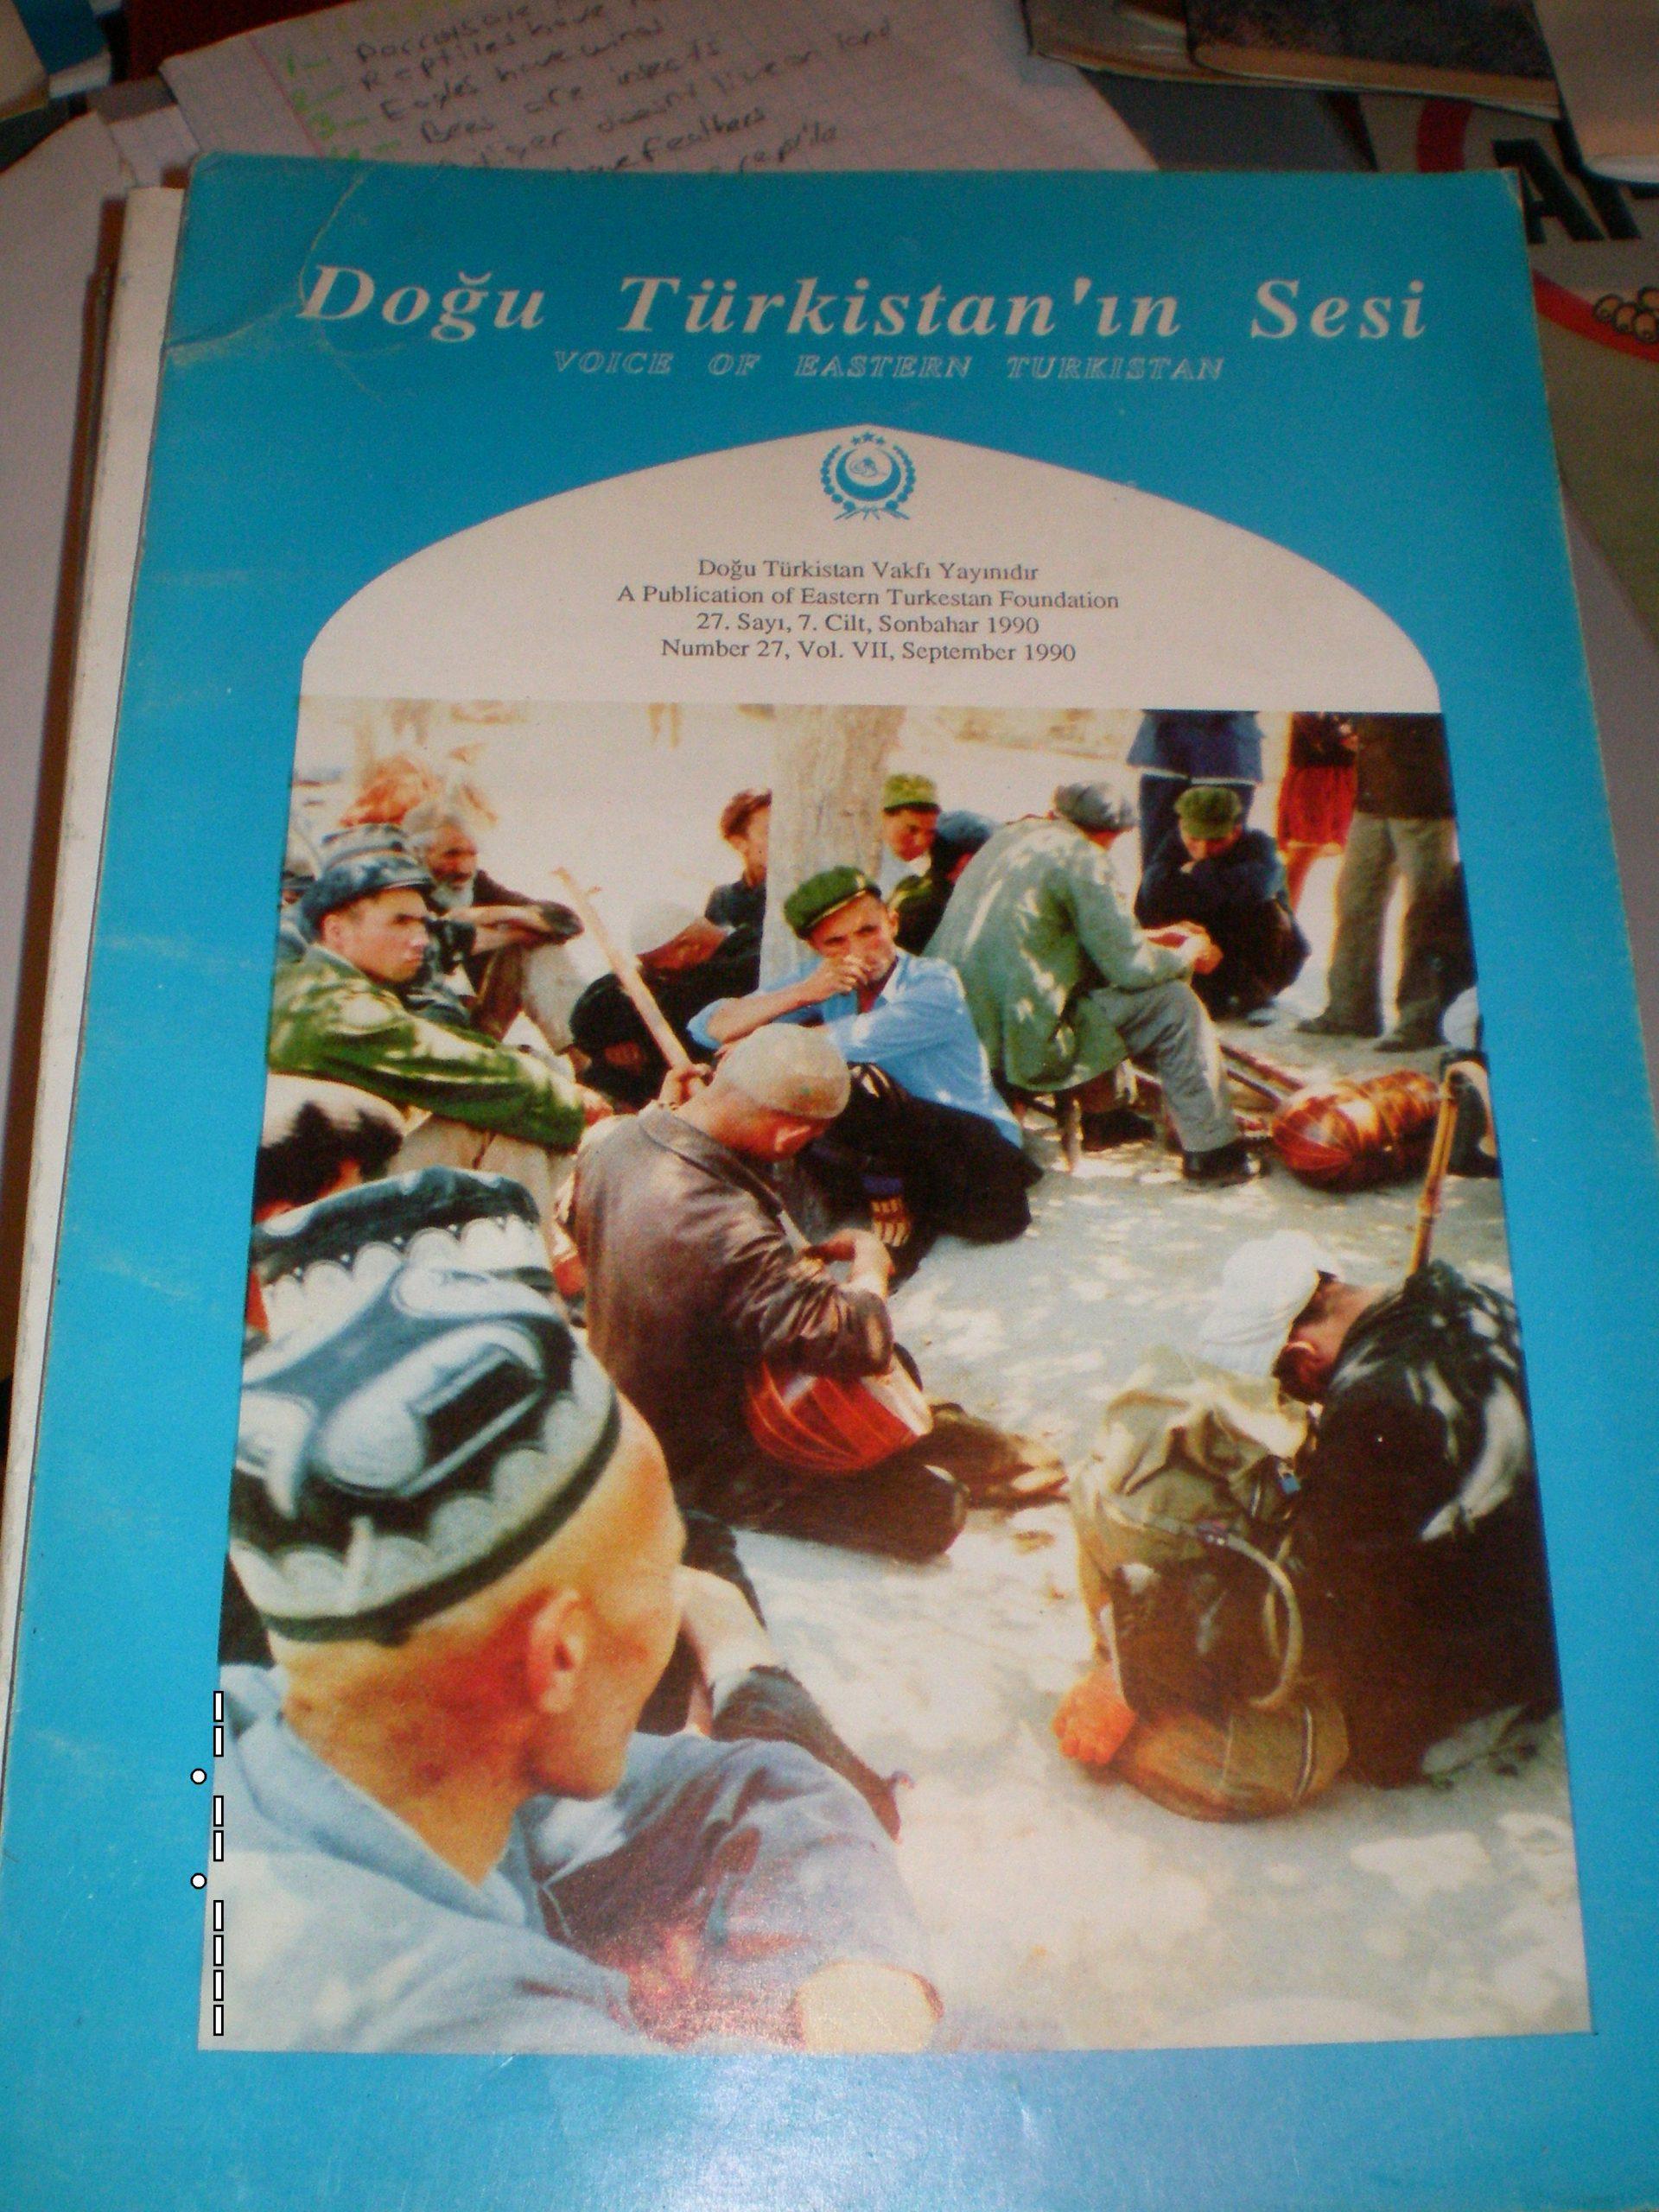 DOĞU TÜRKİSTAN'IN SESİ/sonbahar 1990/15 tl